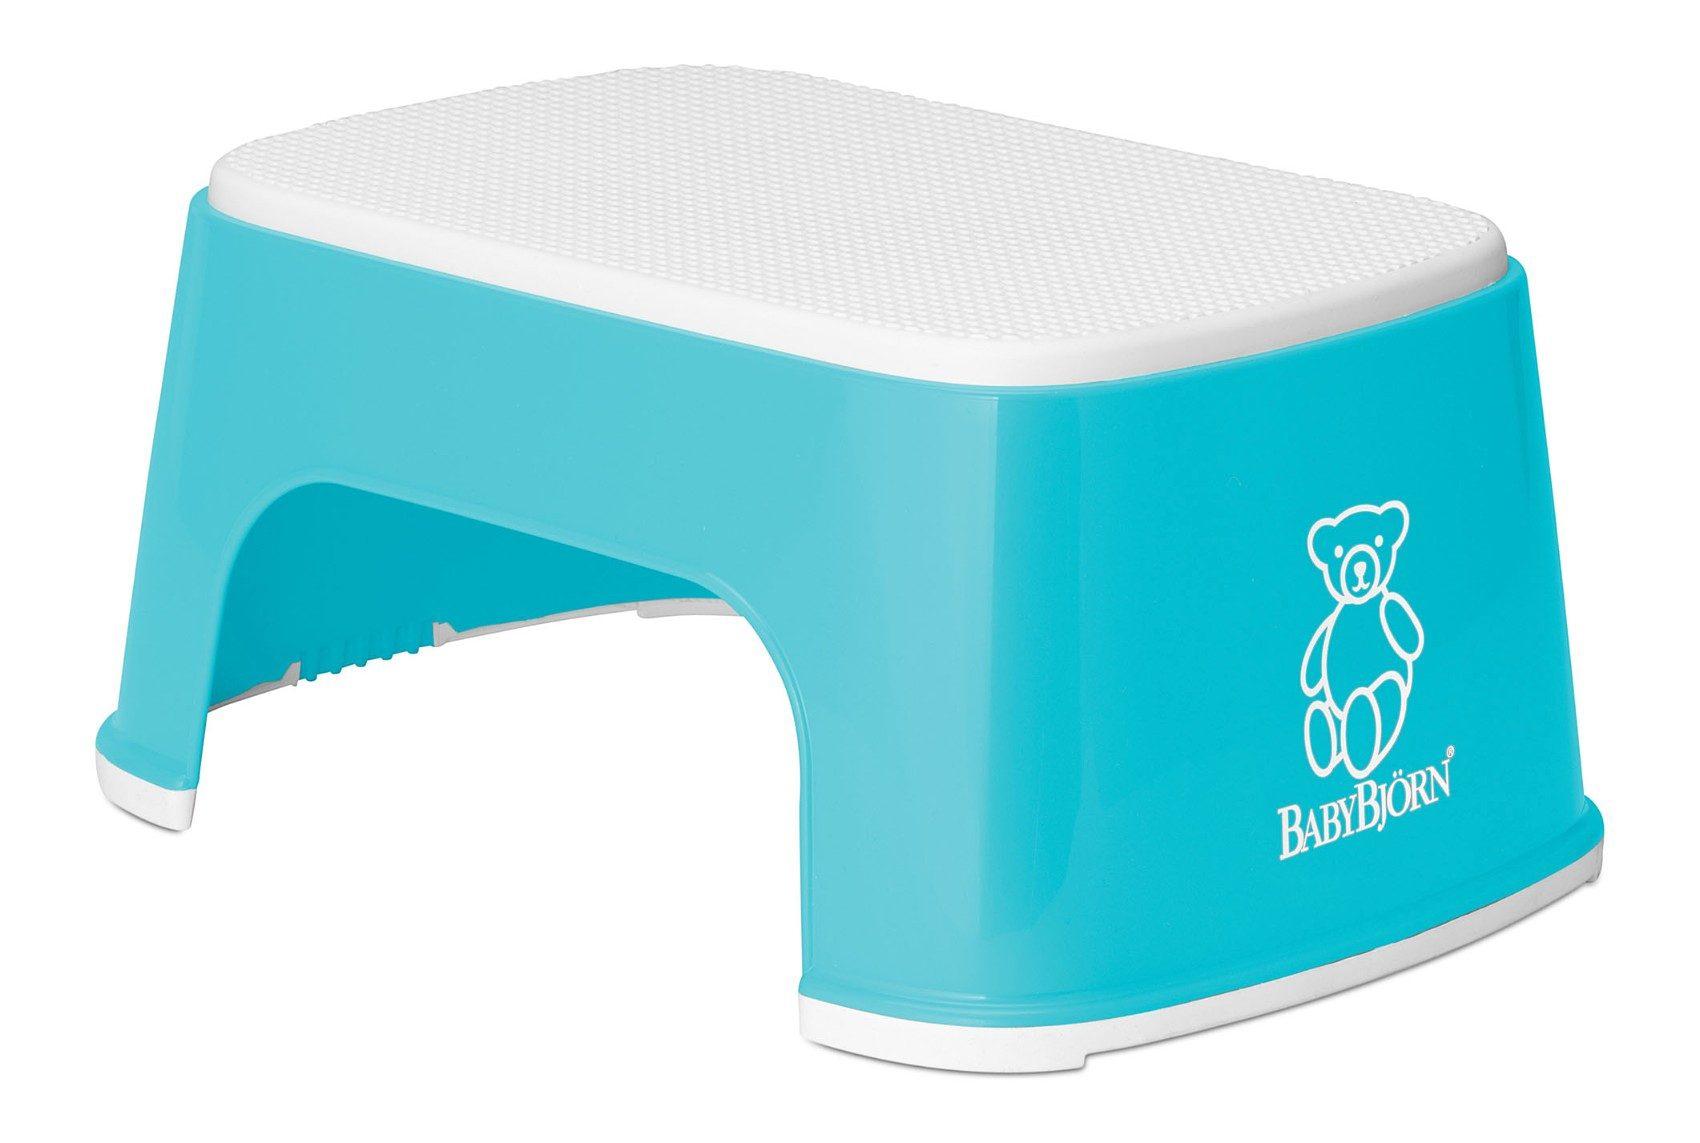 BabyBjörn Trittschemel, Türkis